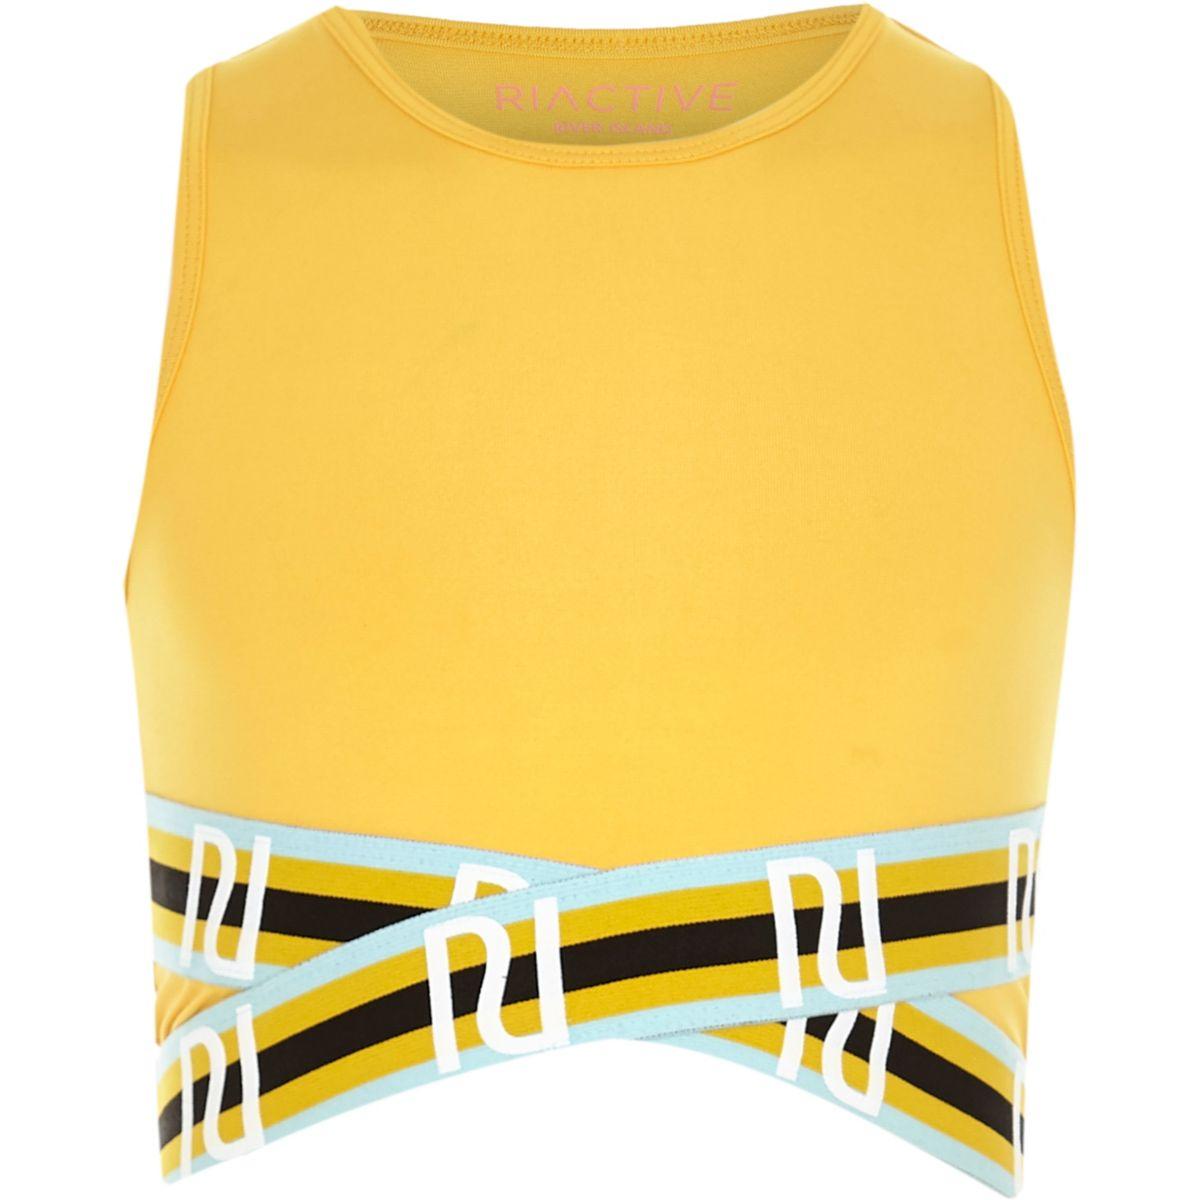 Girls RI Active yellow elastic crop top